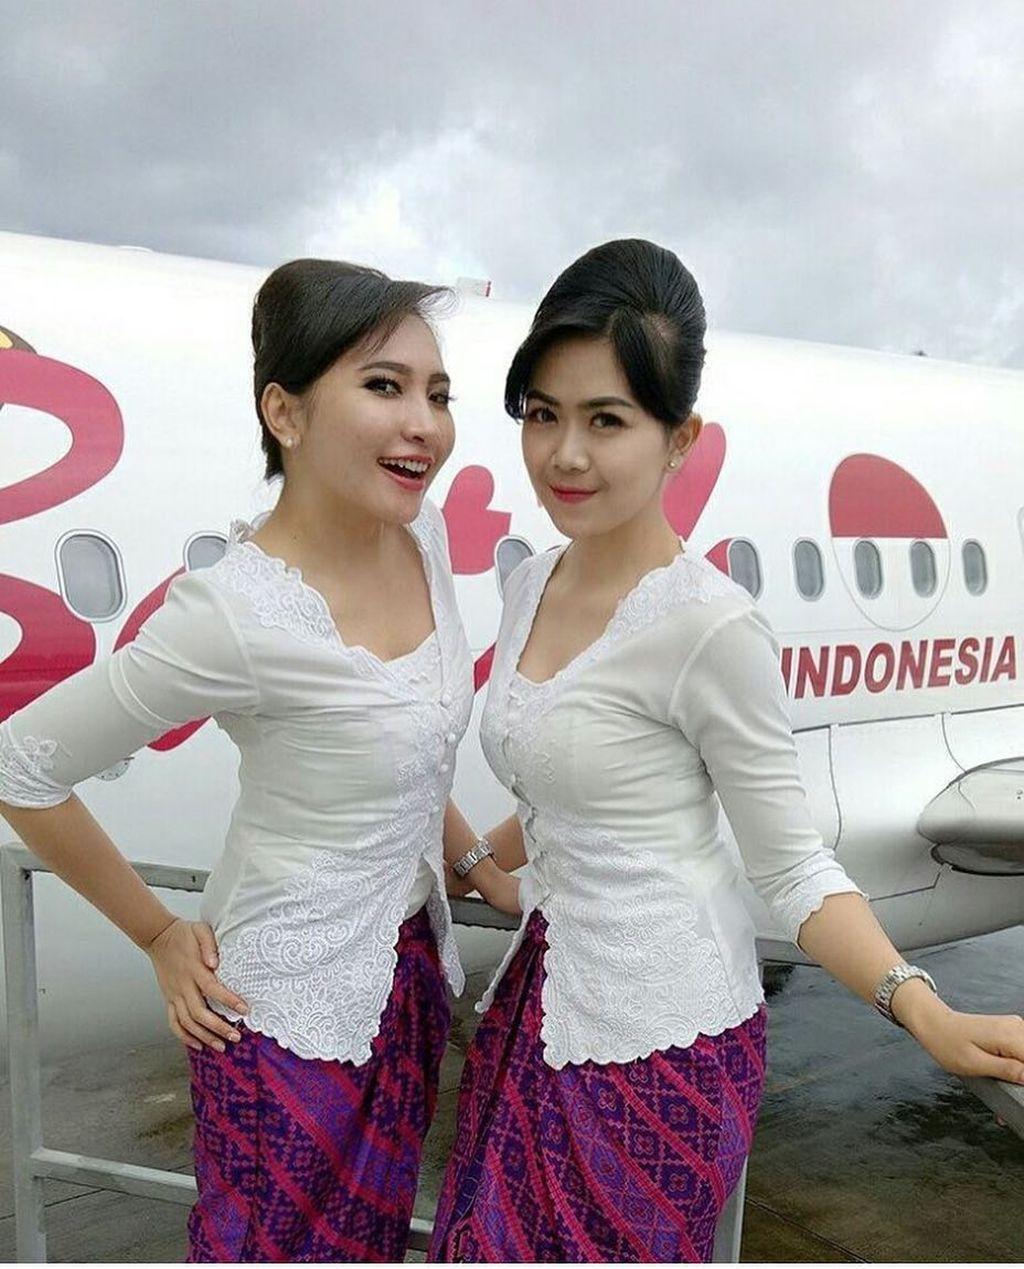 Syarifah, pramugari Batik Air. (Foto: instragram.com/pramugari_indonesia)